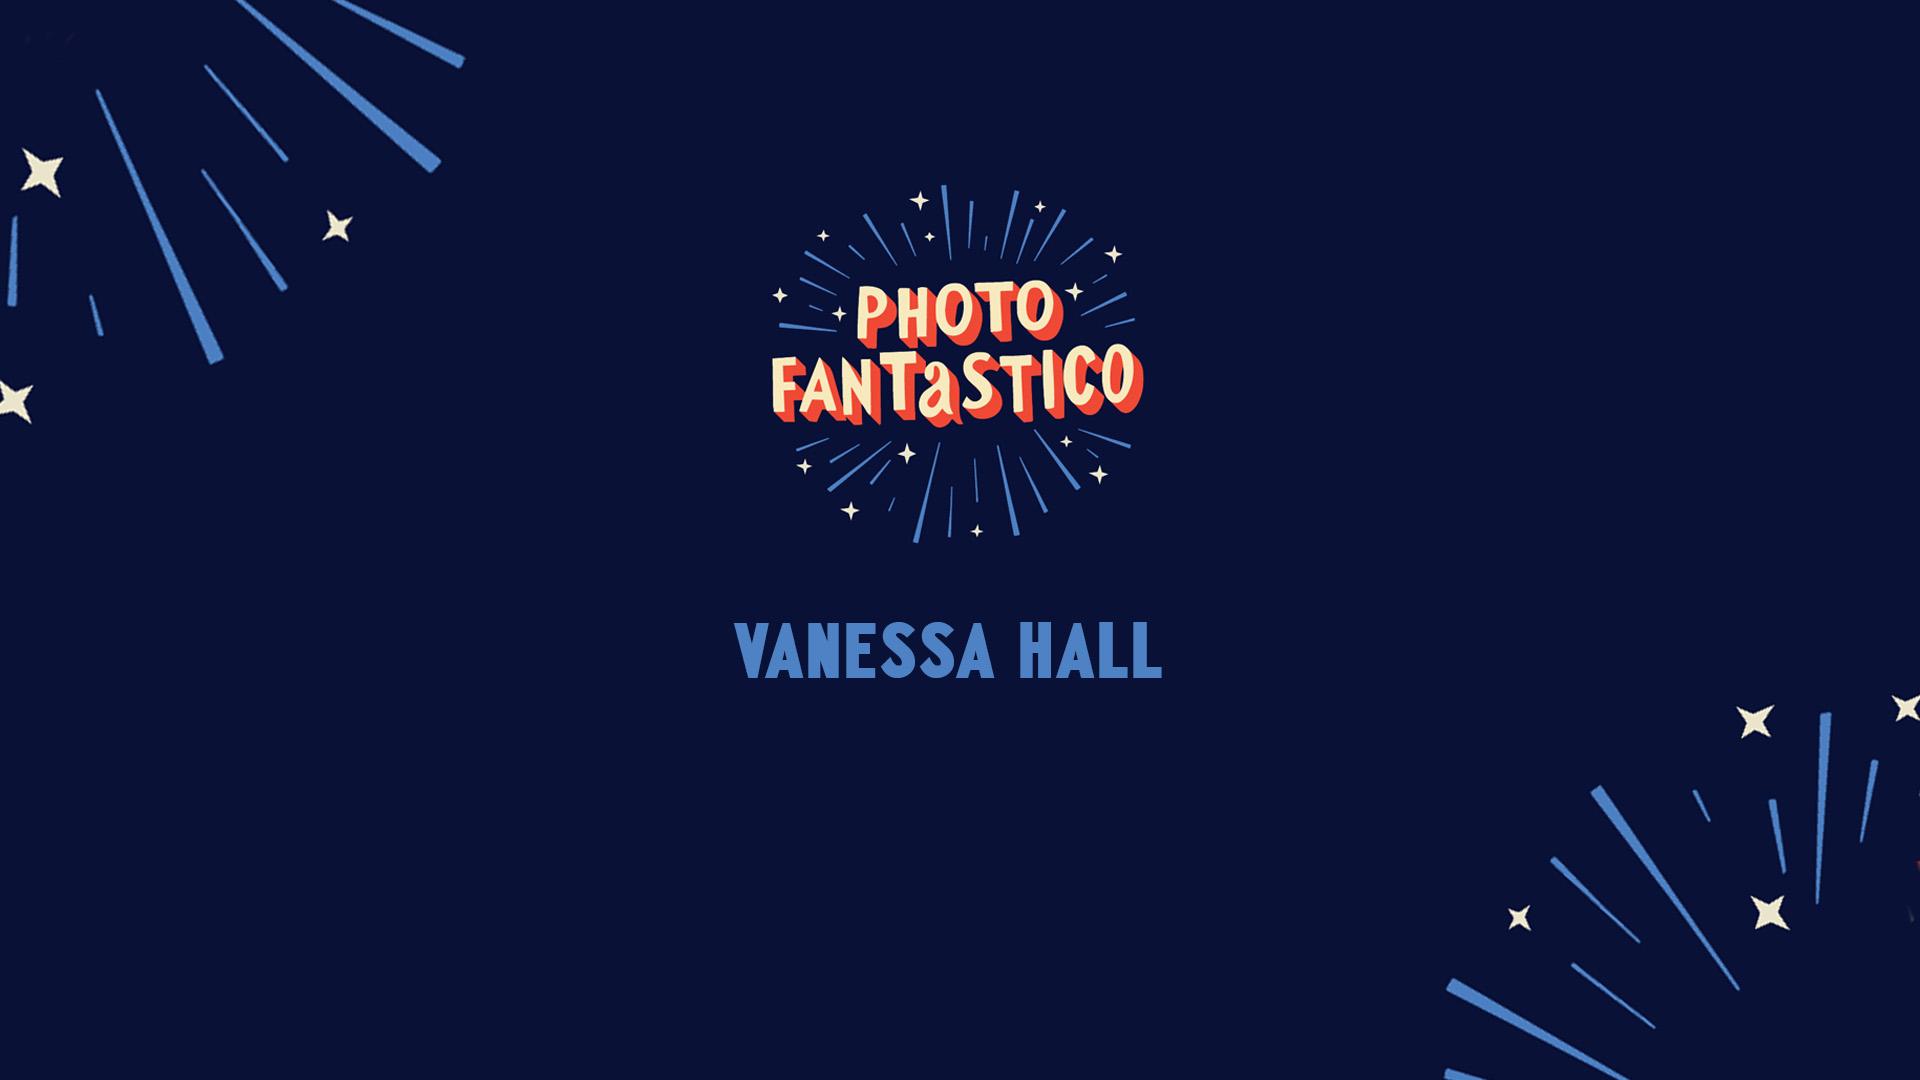 Vanessa Hall